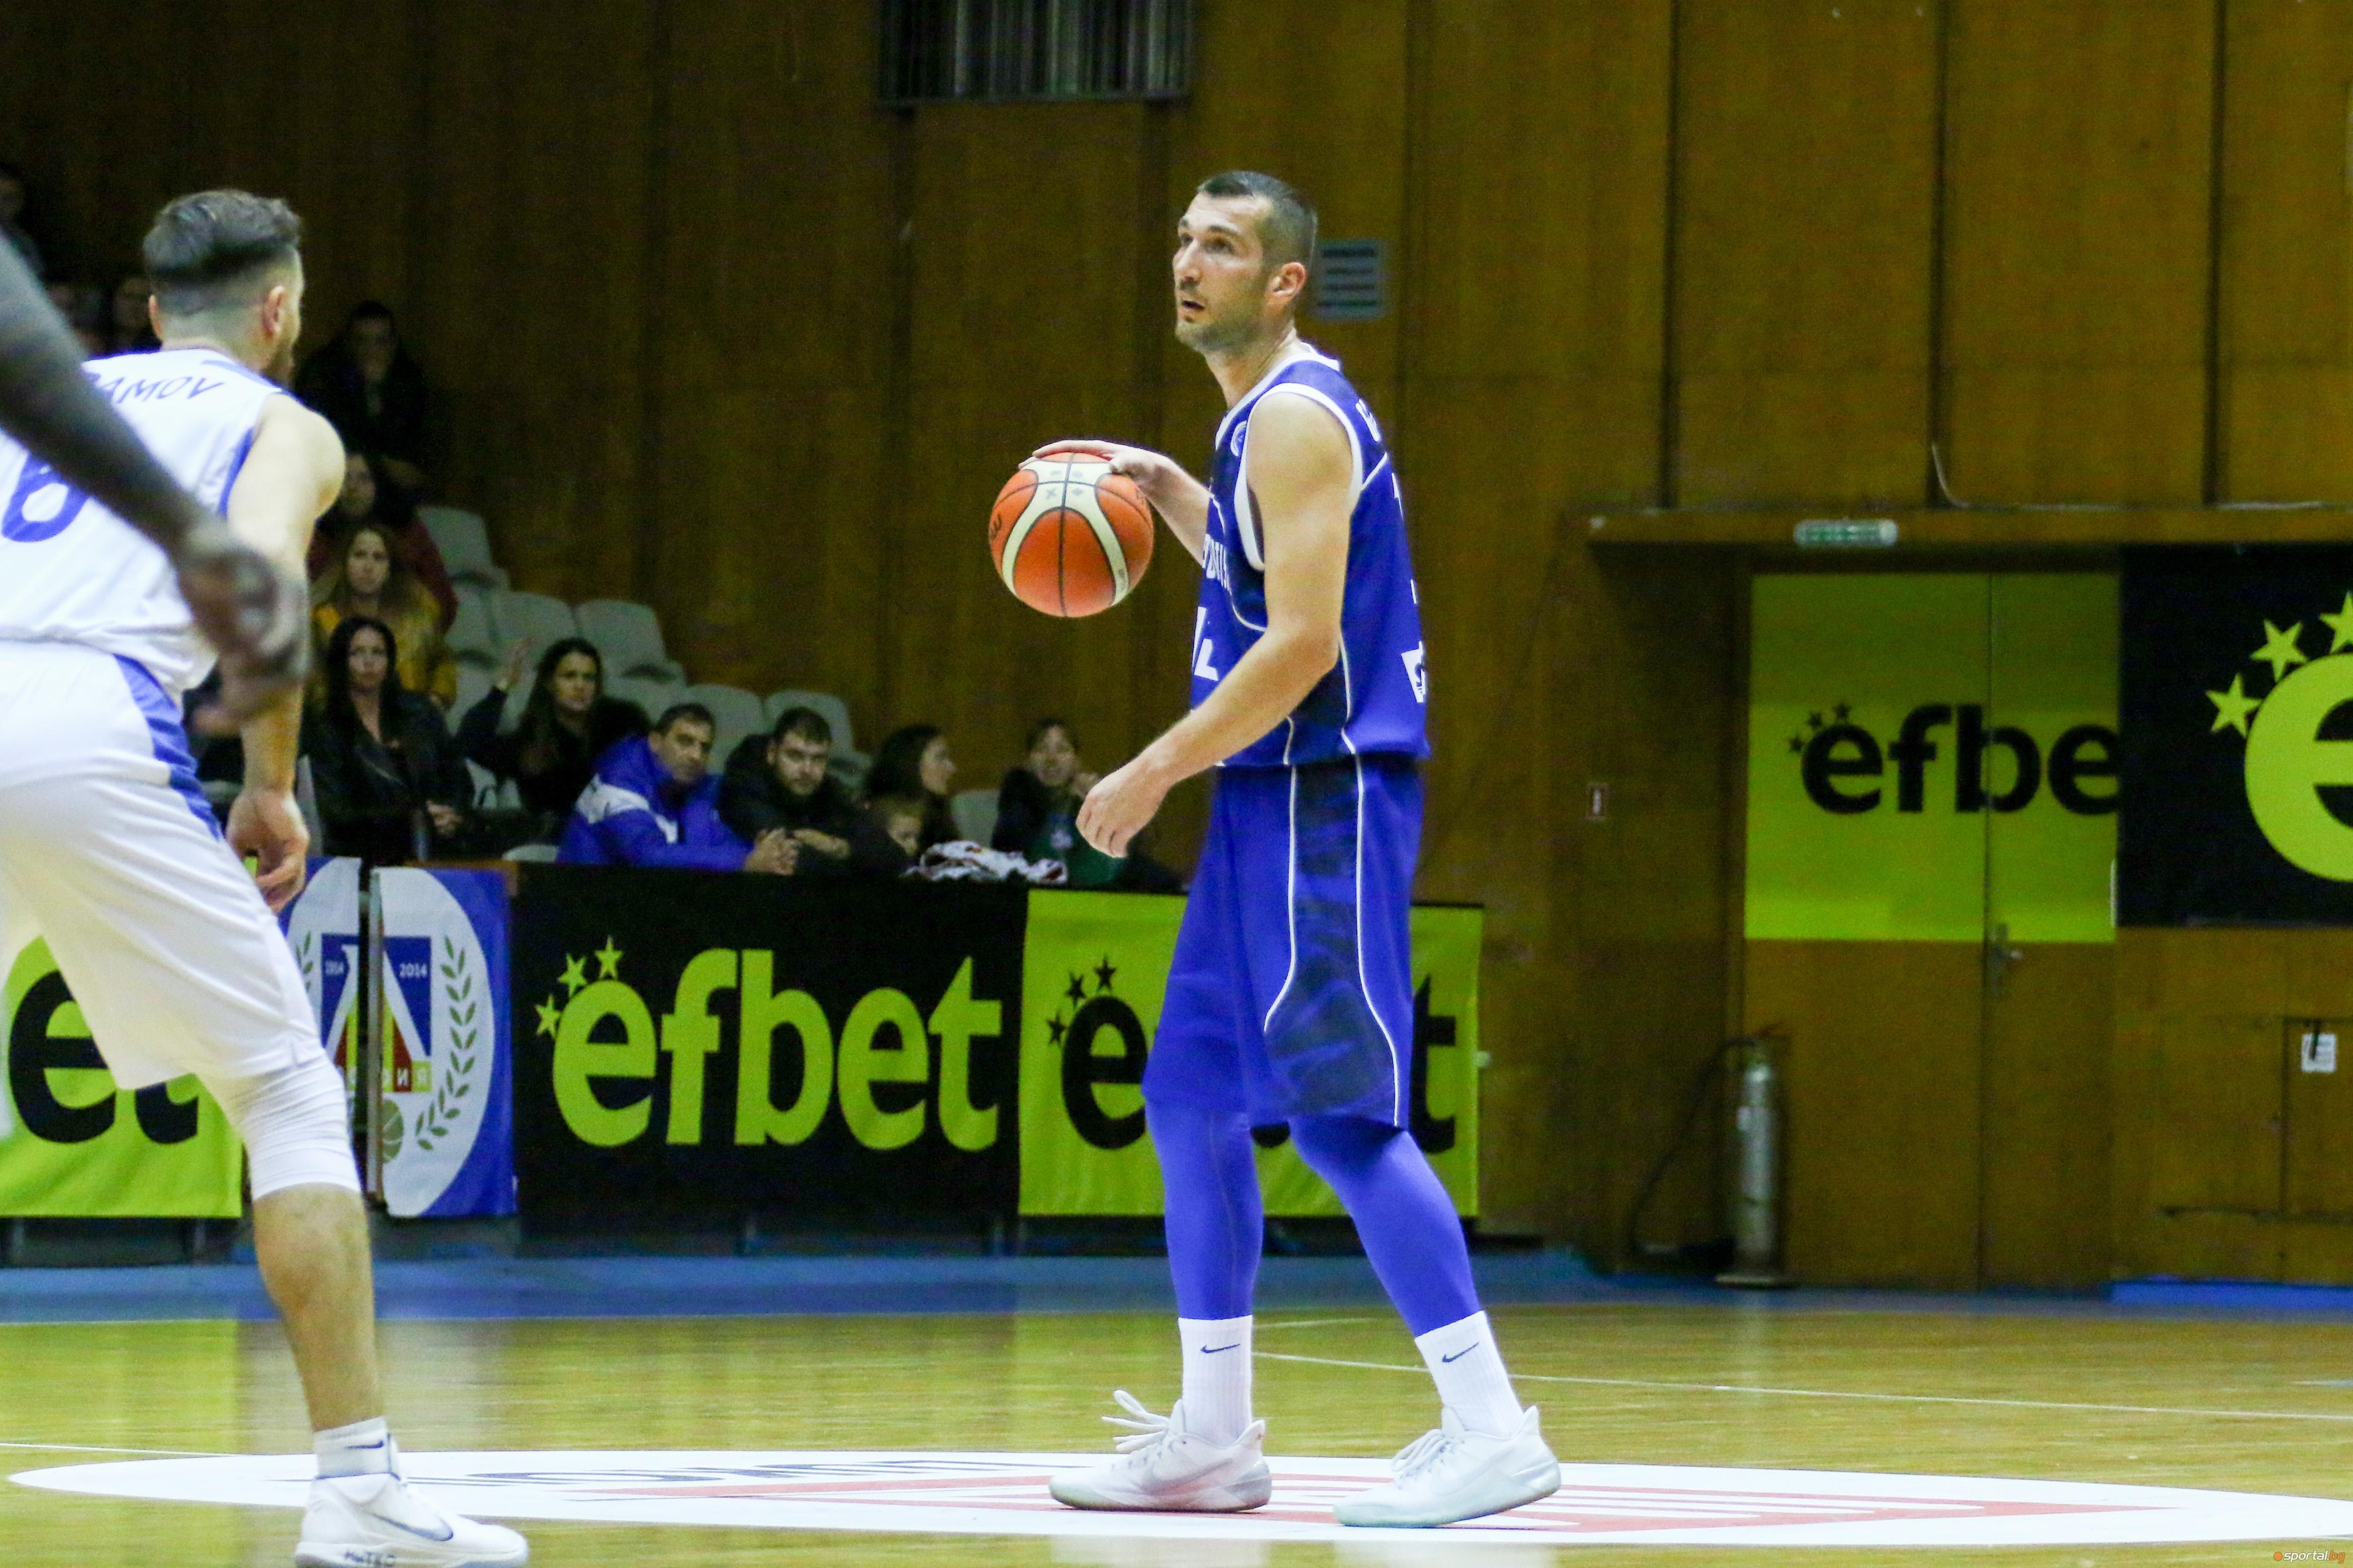 Отборът на Рилски спортист (Самоков) се поздрави с нова победа